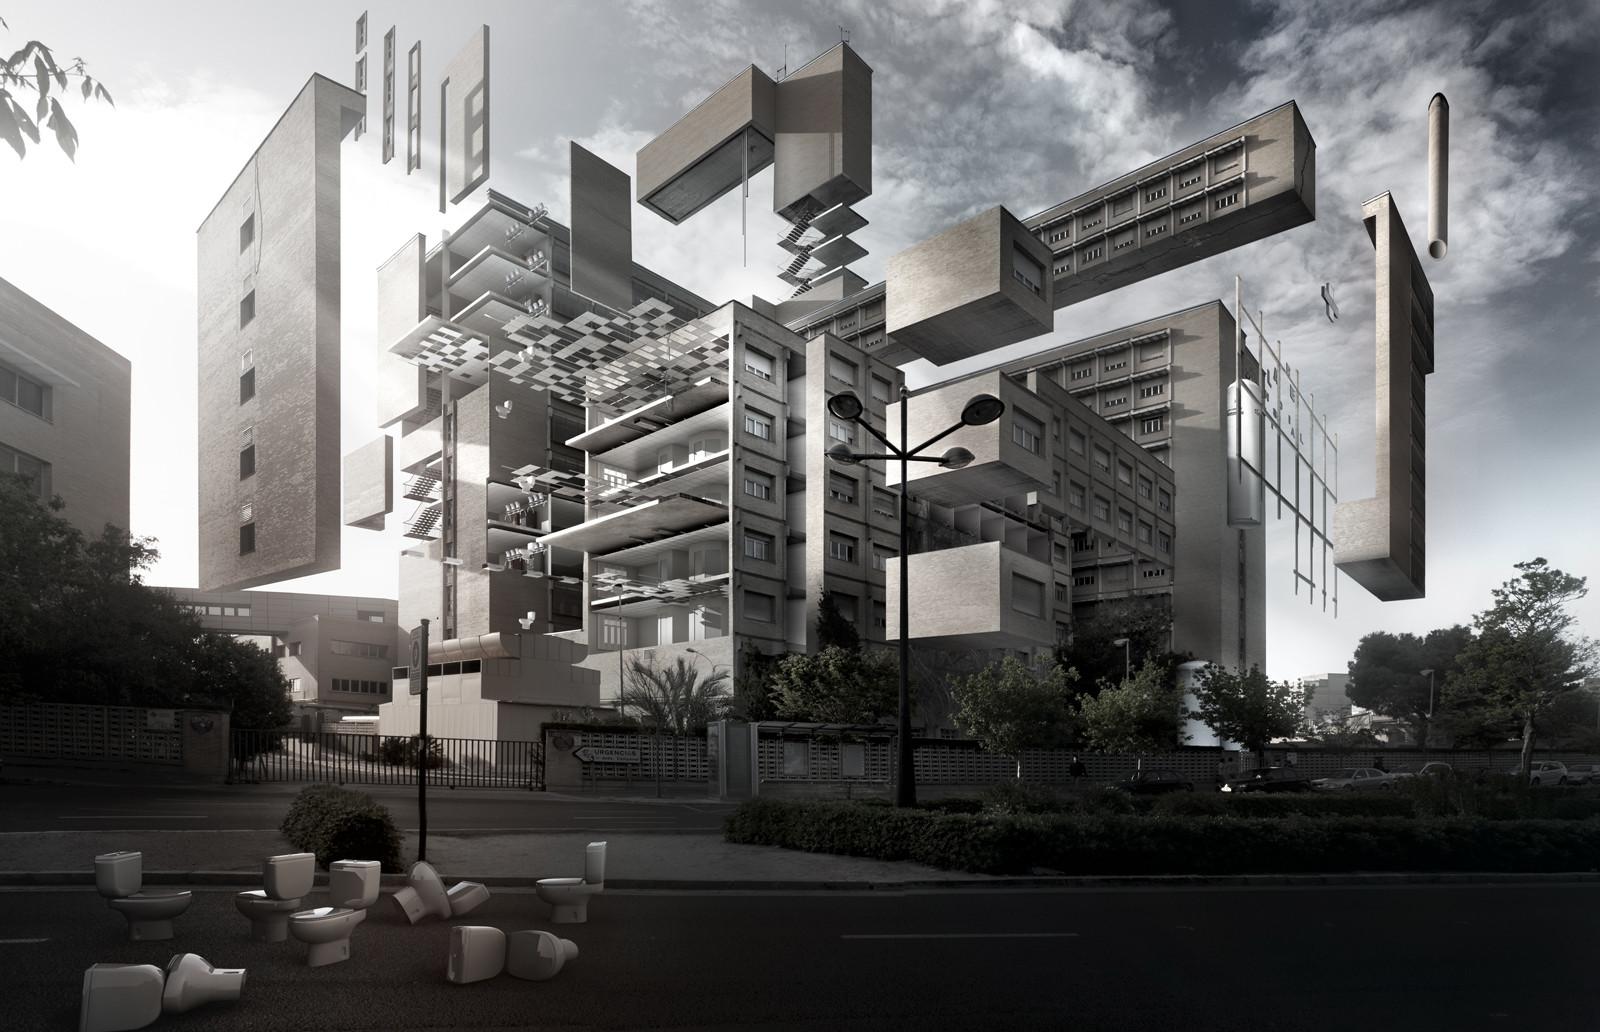 Arte y Arquitectura: Hospital Universitario La Fe / Espaimgr, Cortesia de Espaimgr